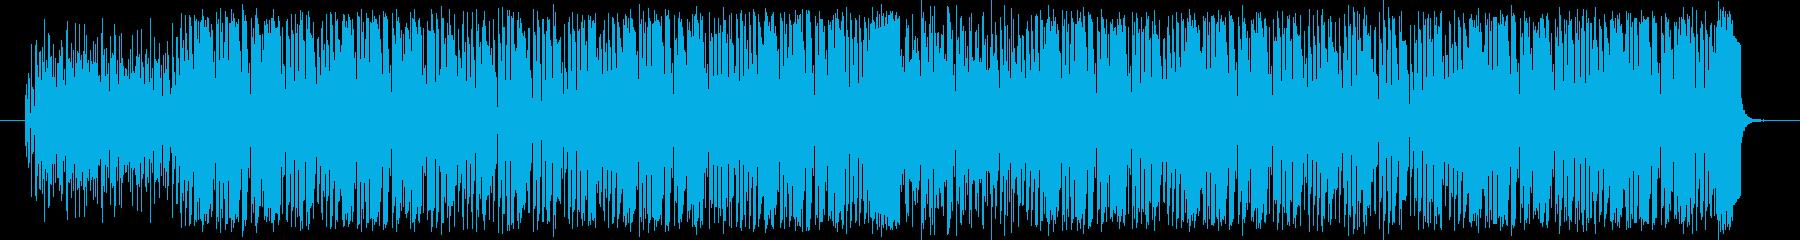 バカンスのイメージで。の再生済みの波形